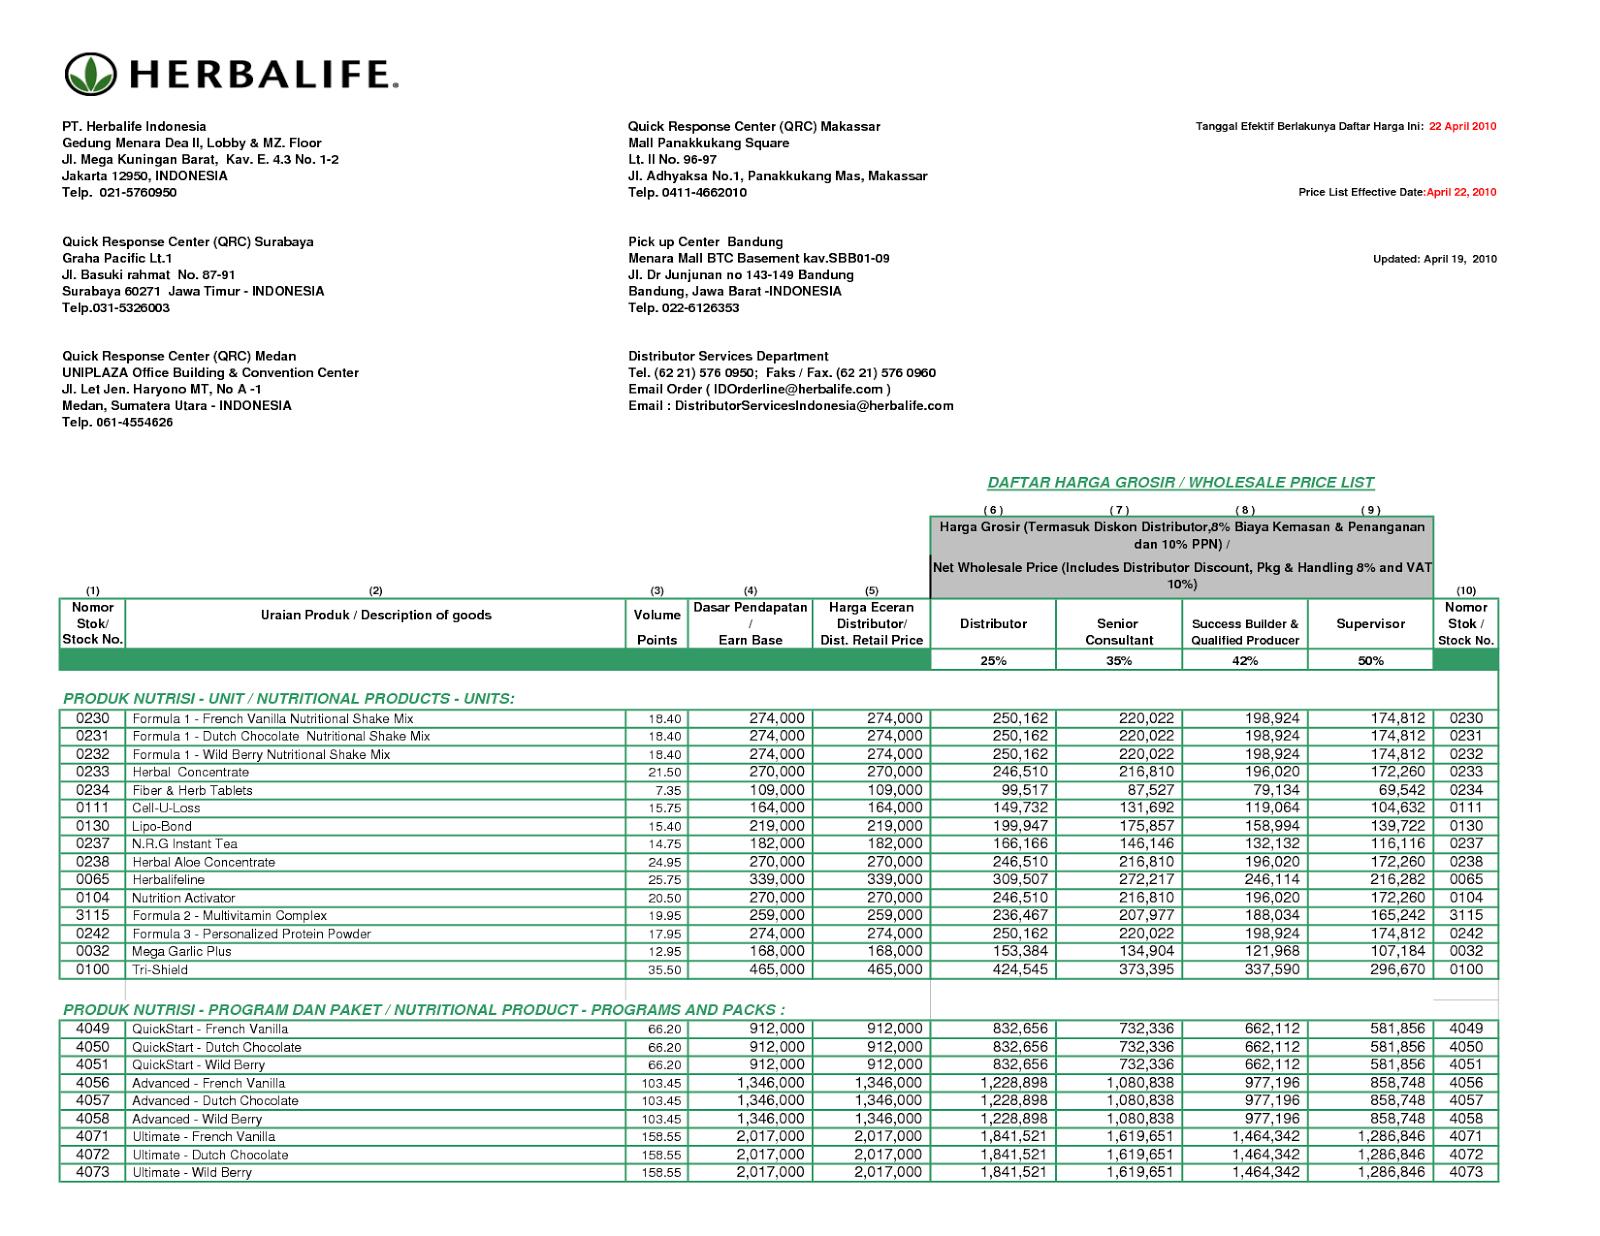 Produk dan Alat Kecantikan: Price List Herbalife Indonesia